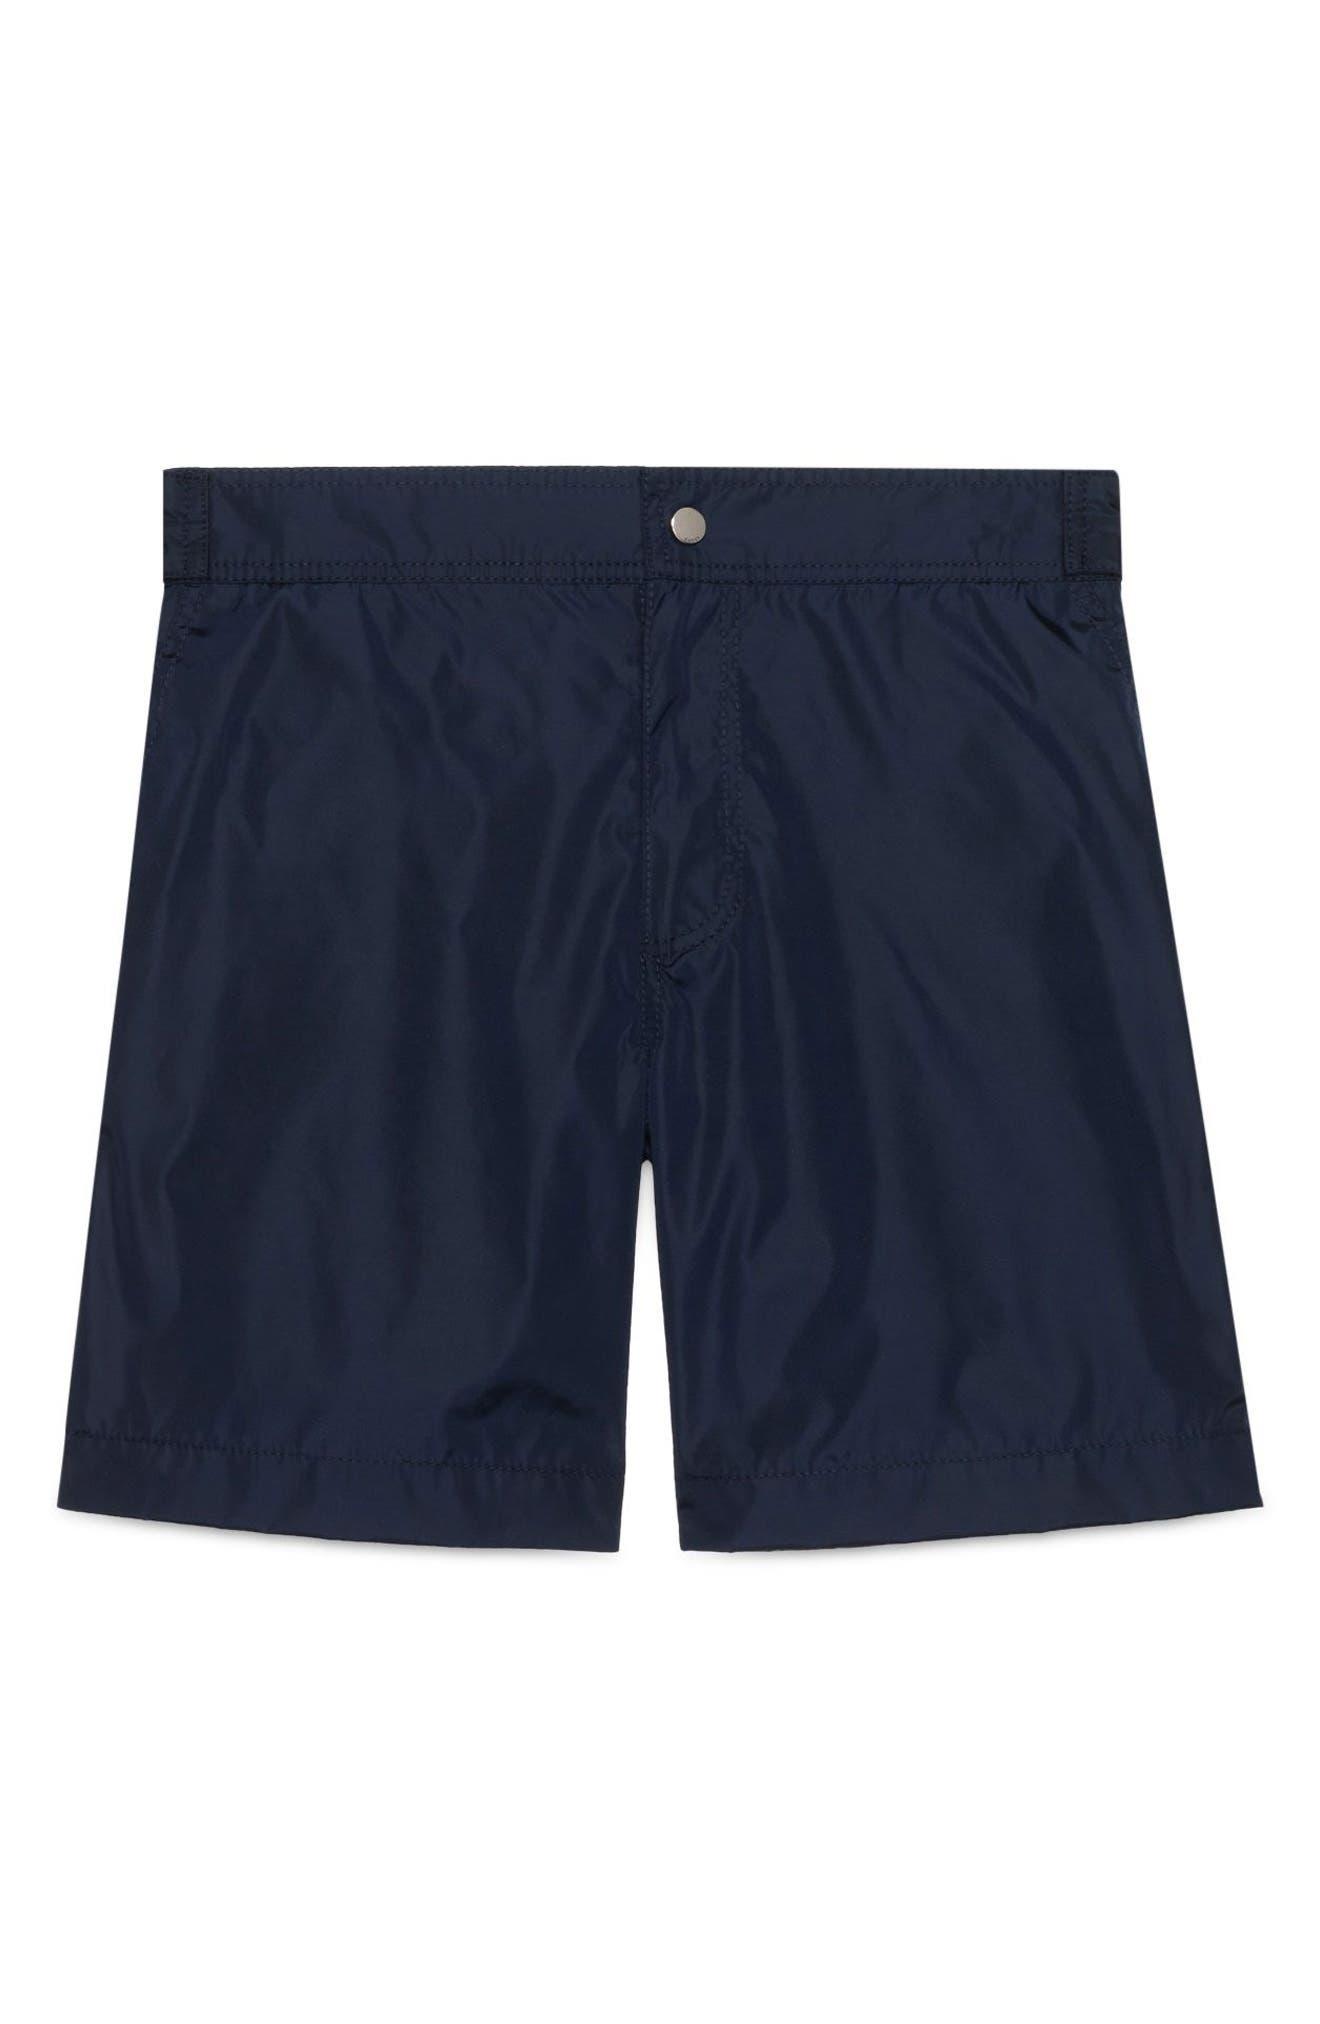 Swim Trunks,                         Main,                         color, Navy Multi